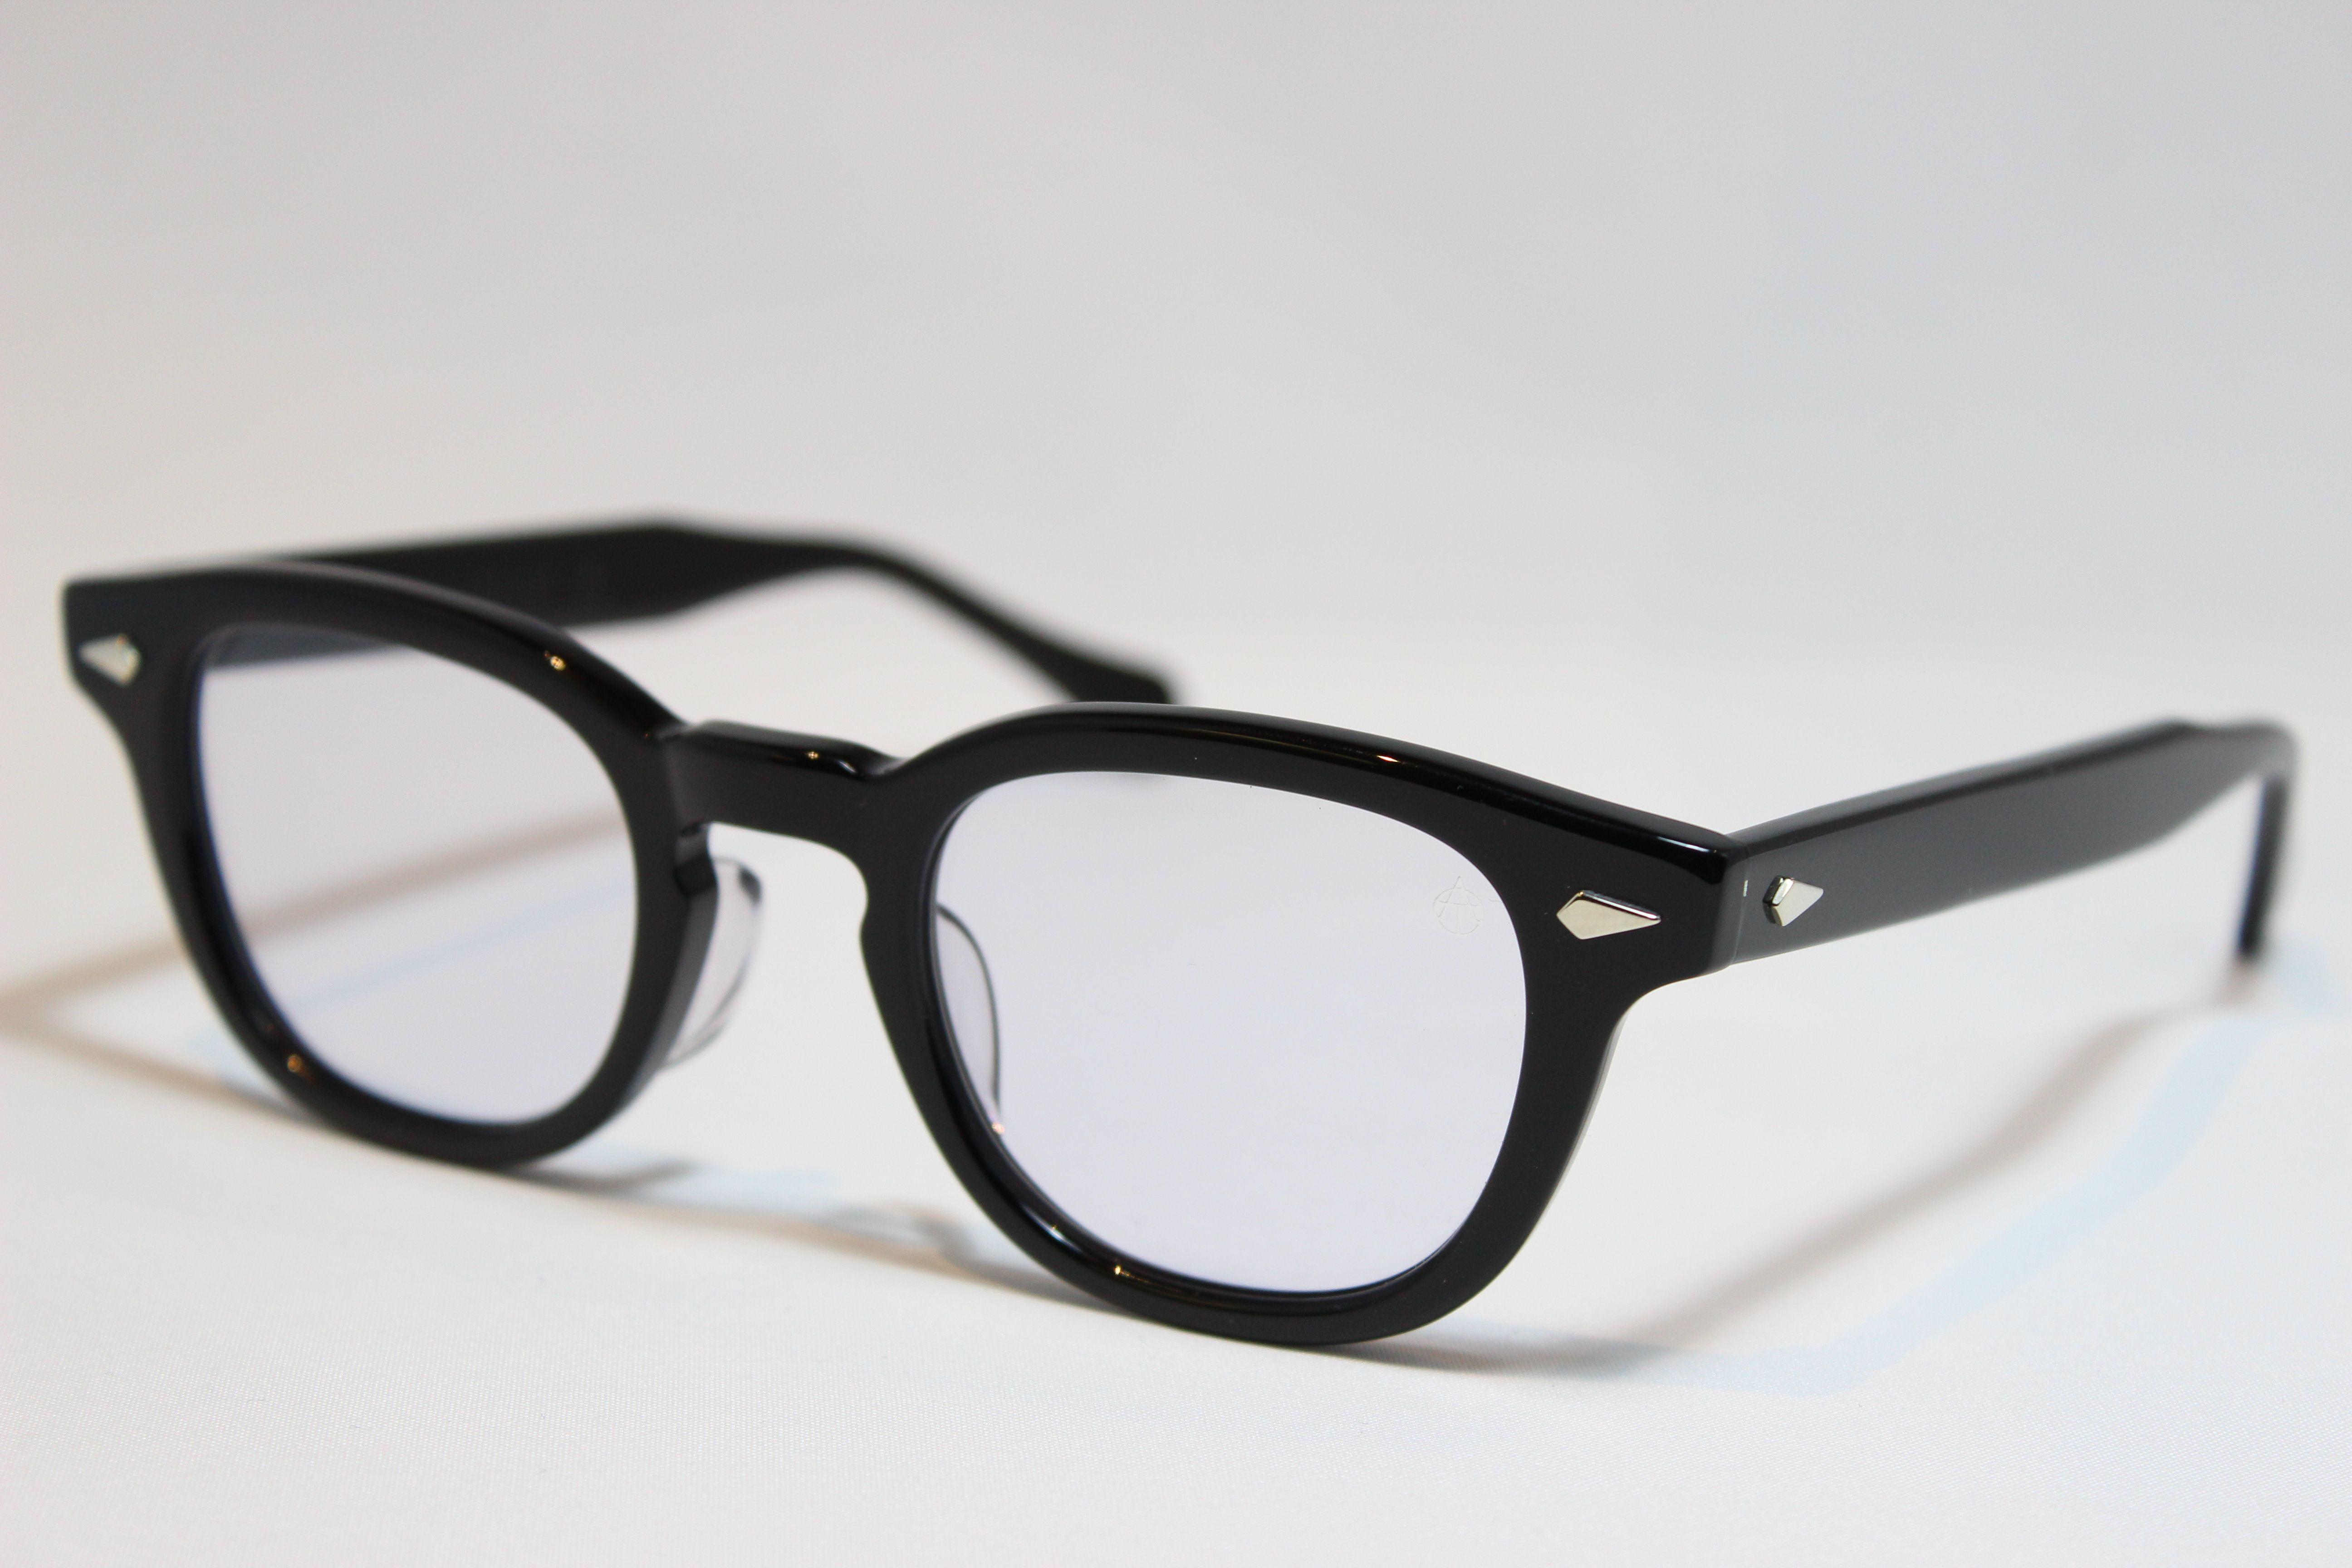 【送料無料】TART OPTICAL ARNEL( タート オプティカル アーネル ) JD-04 Black 【46 】Size